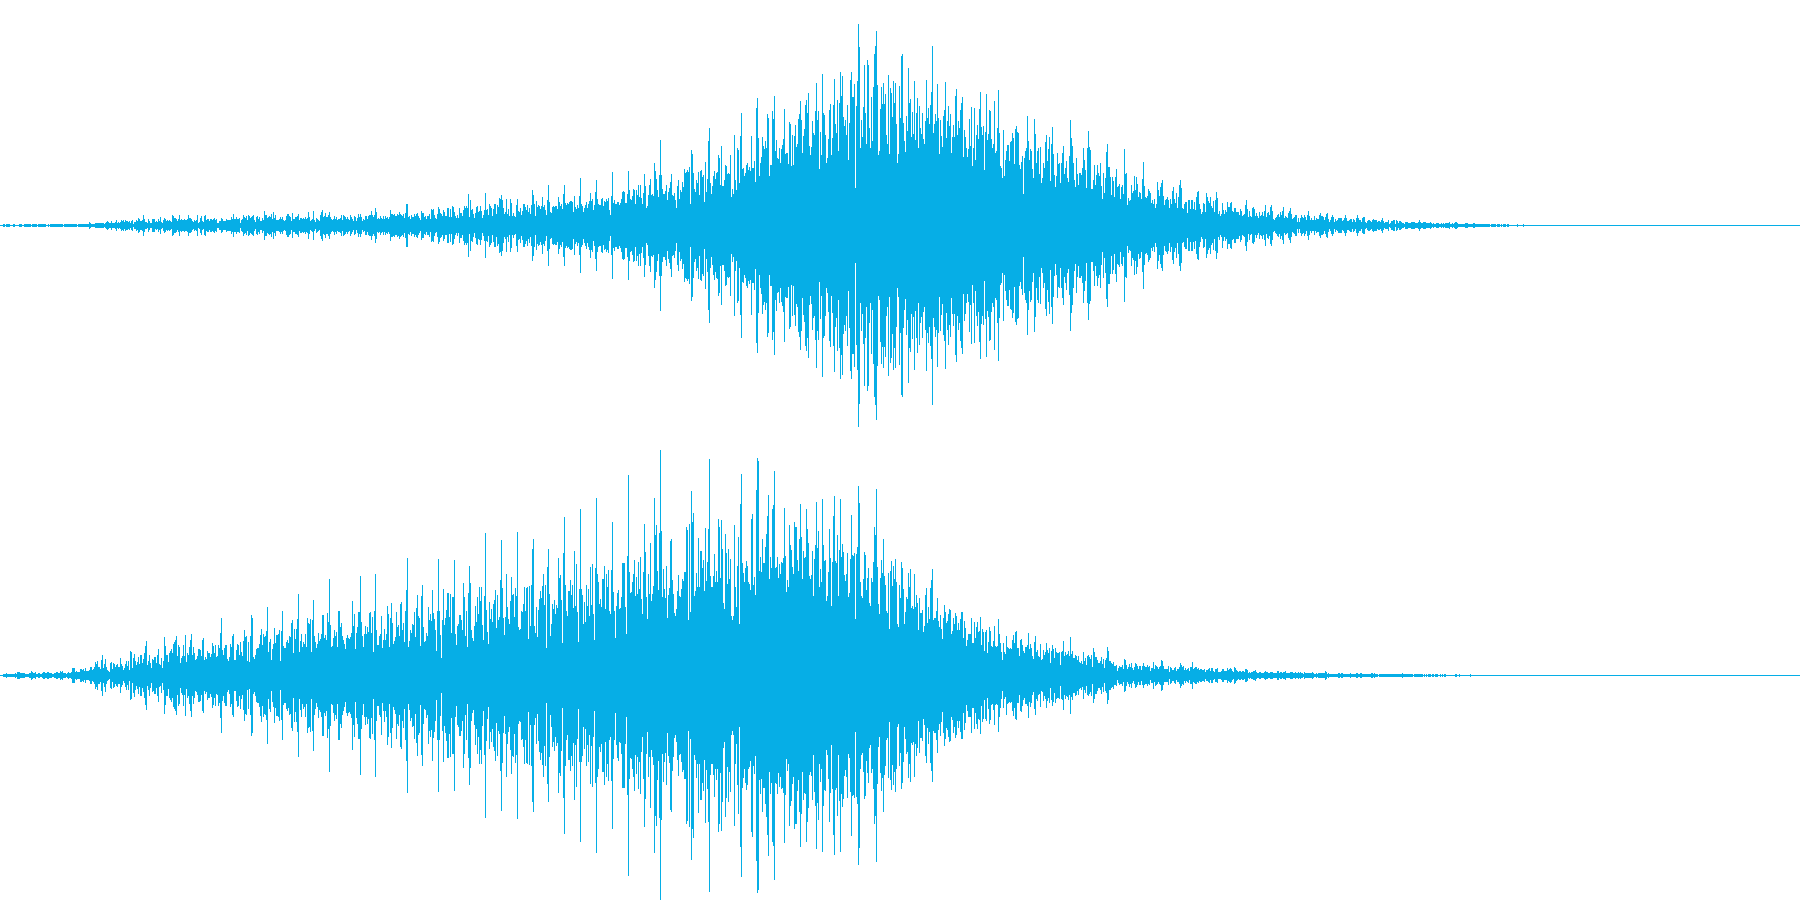 【輸送機】ブルブル,バラバラ 右から左の再生済みの波形